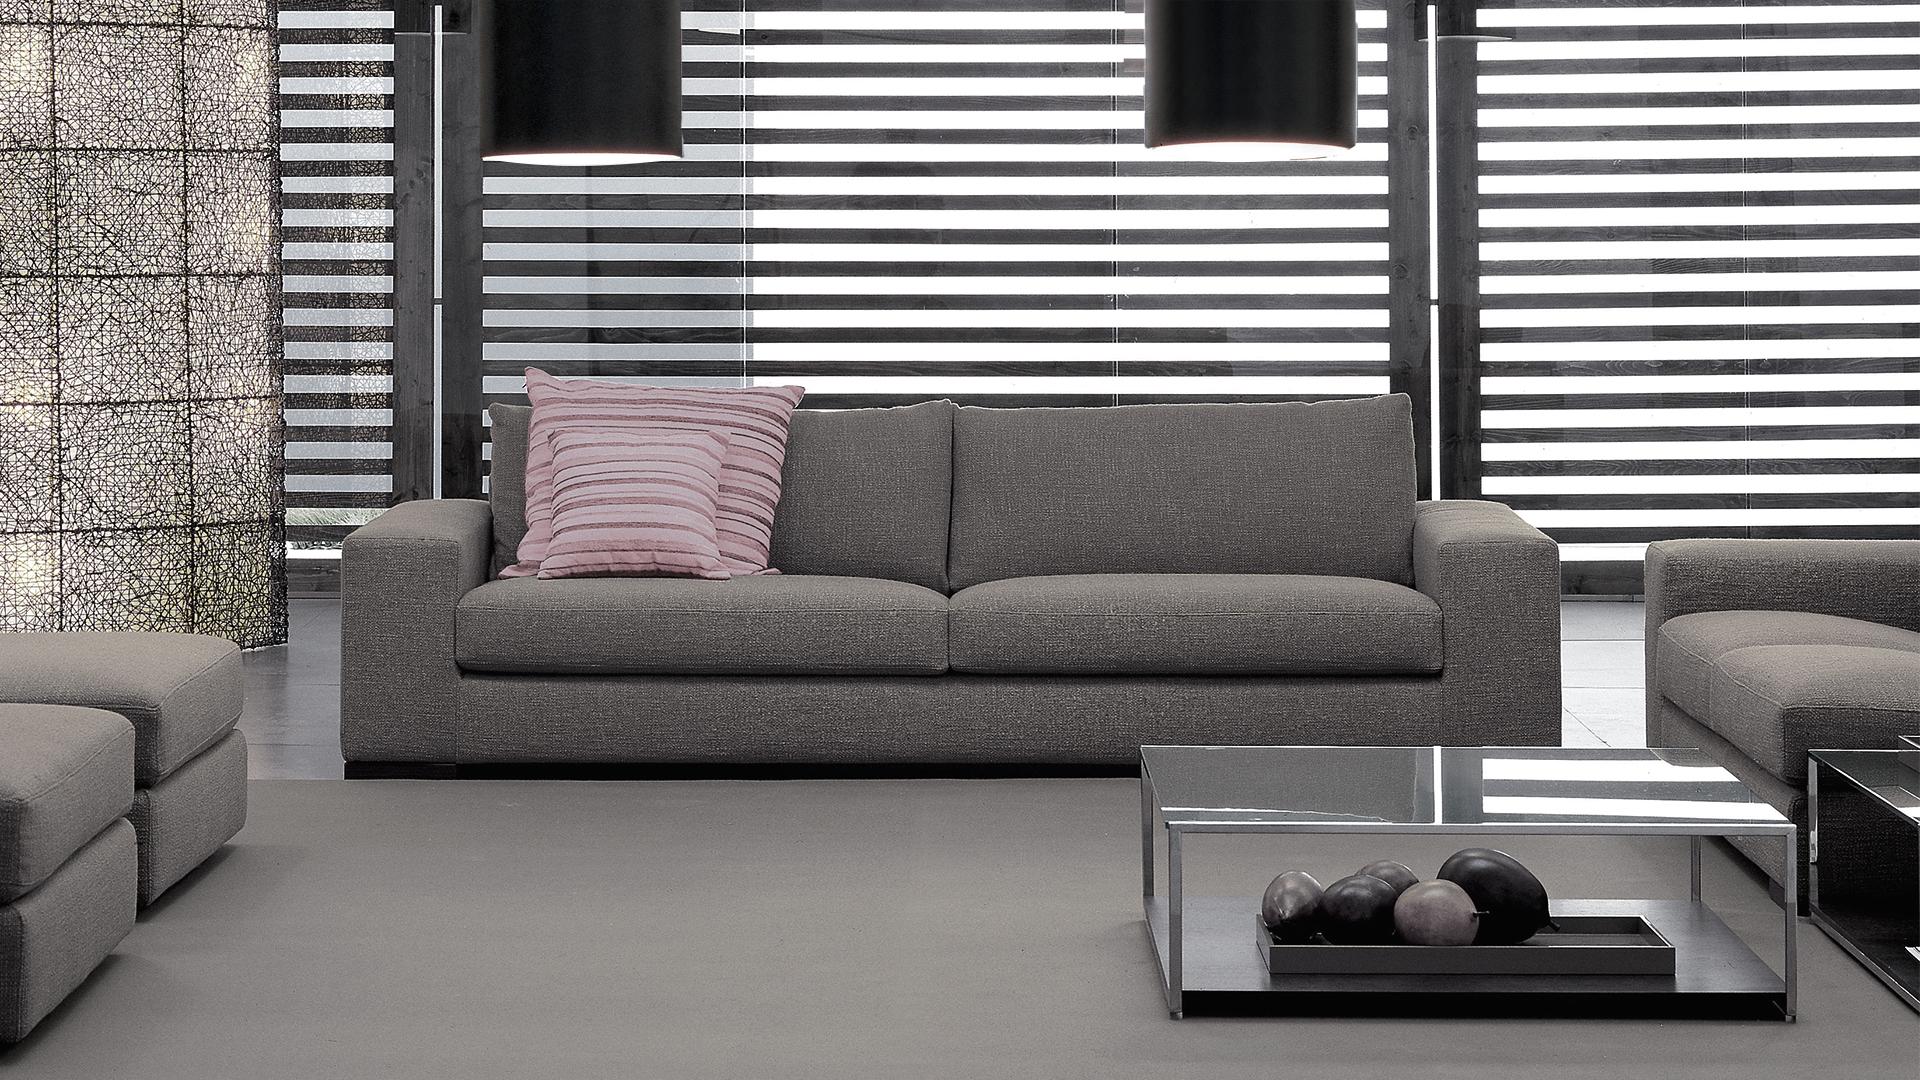 divano-lineare-bracciolo-largo-logan-murtarelli copia